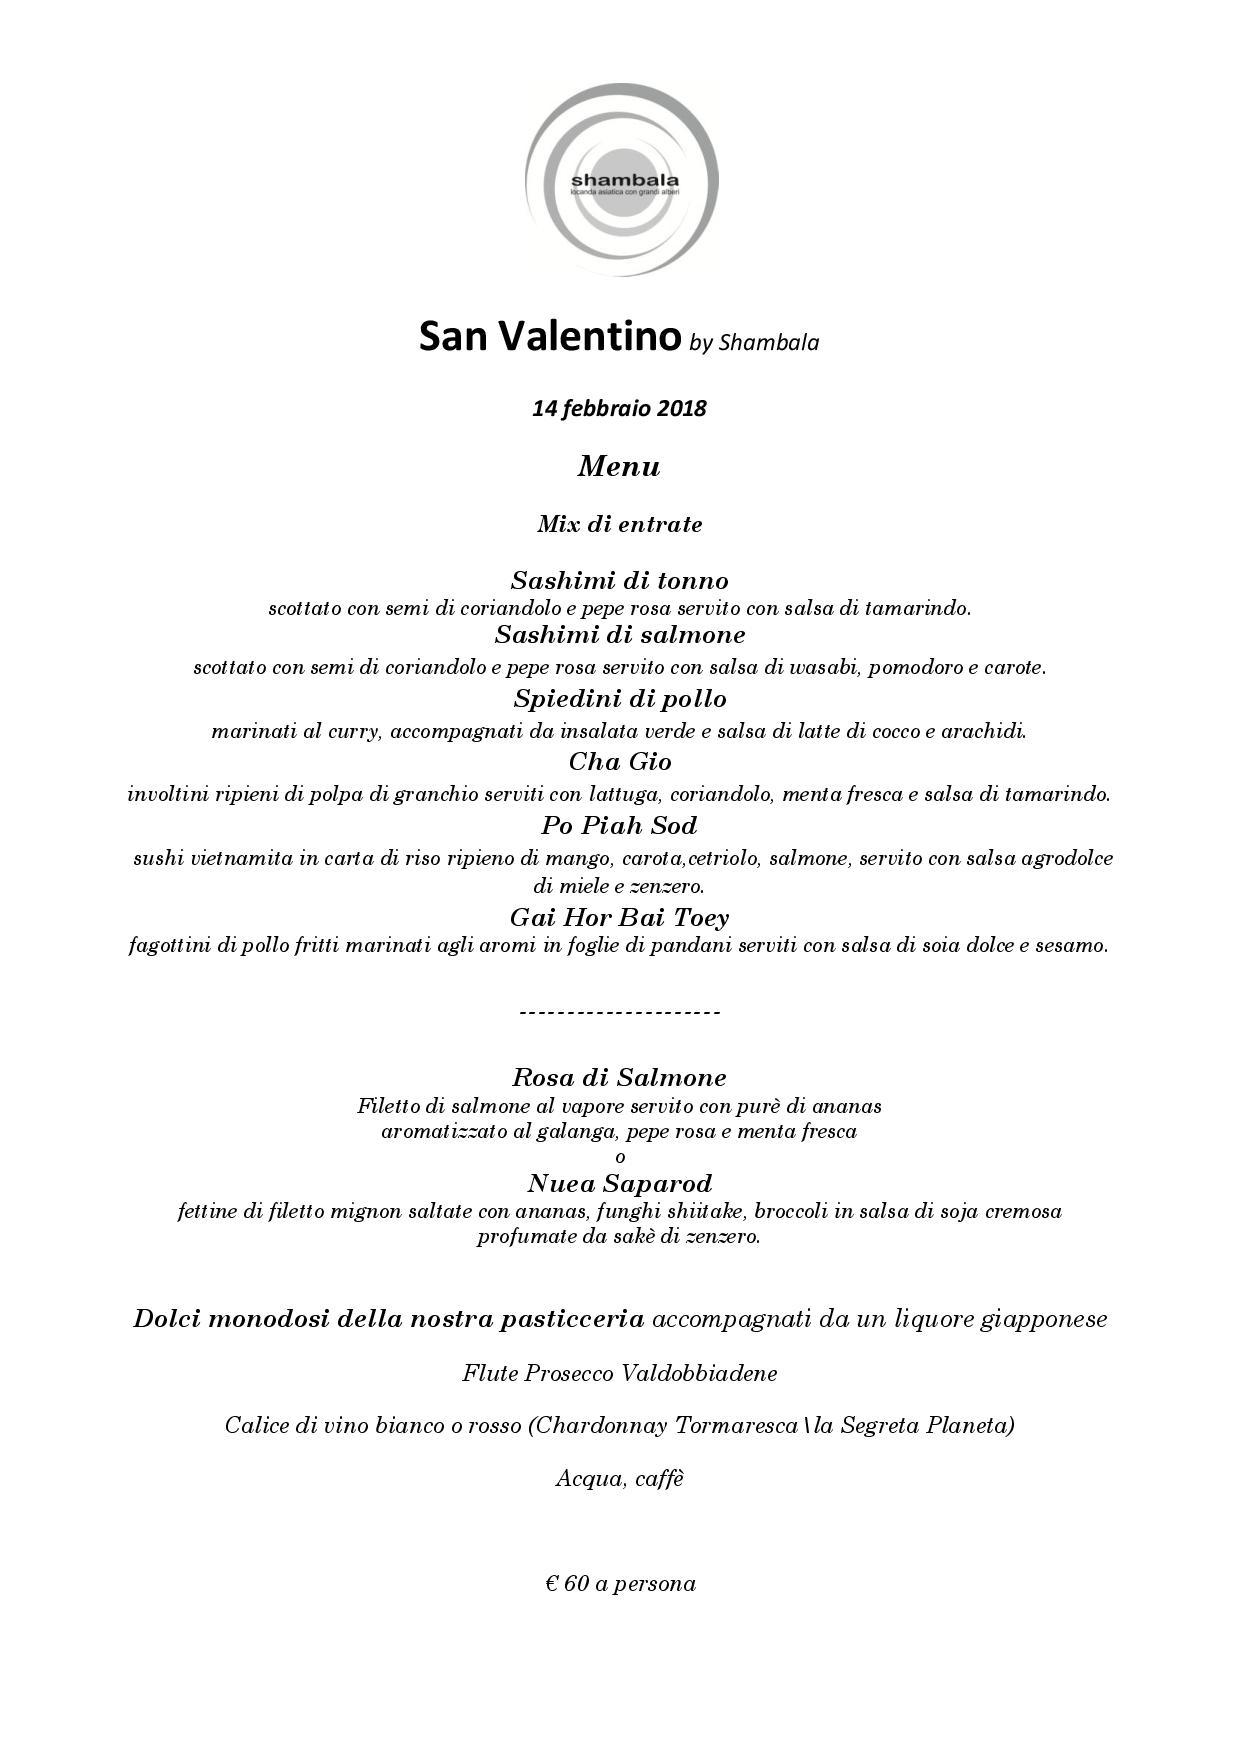 San Valentino a Milano: consigli per la tua cena romantica - Shambala